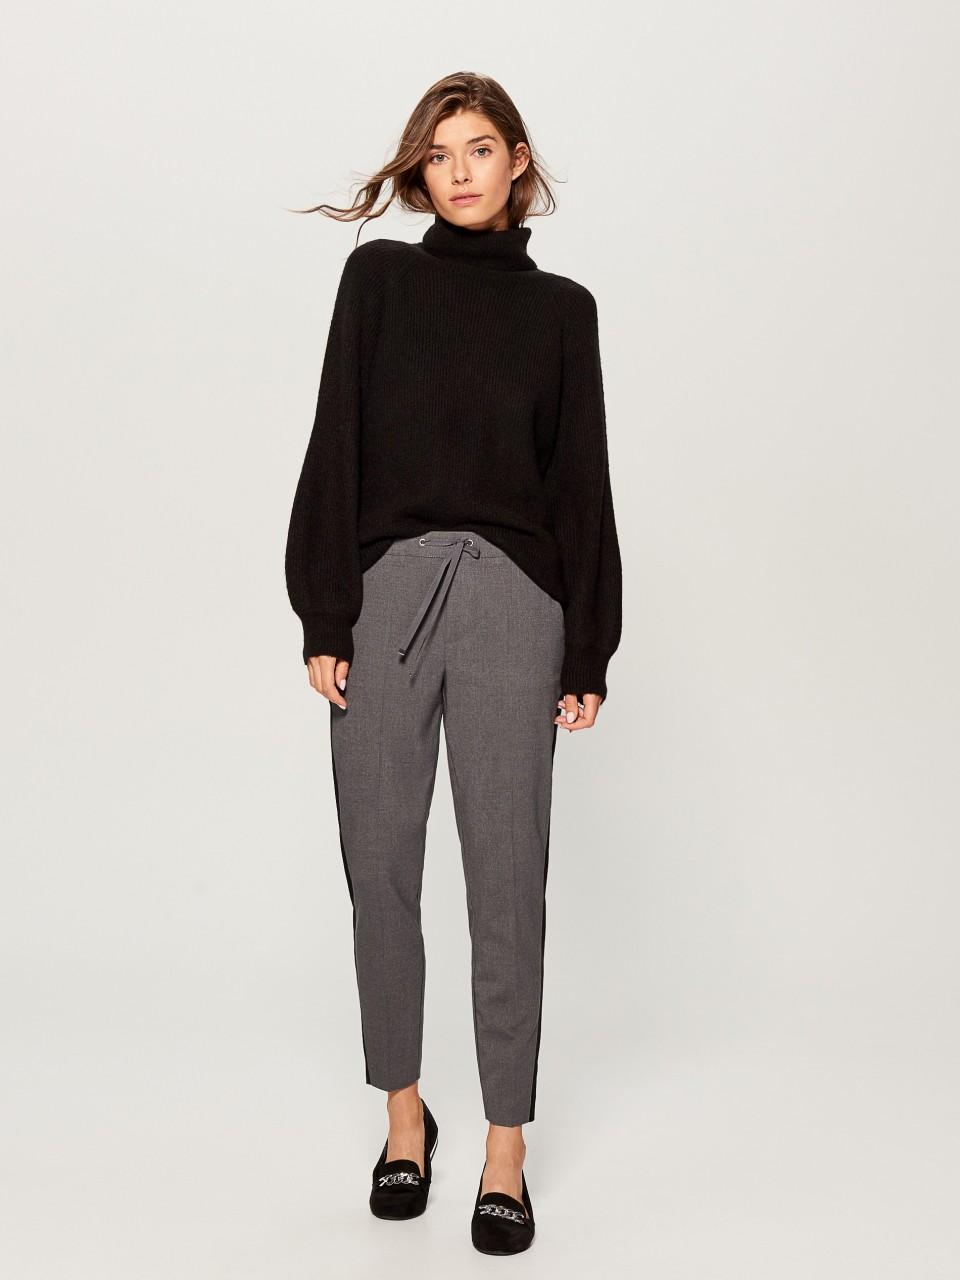 Модель в брюках-джоггингах